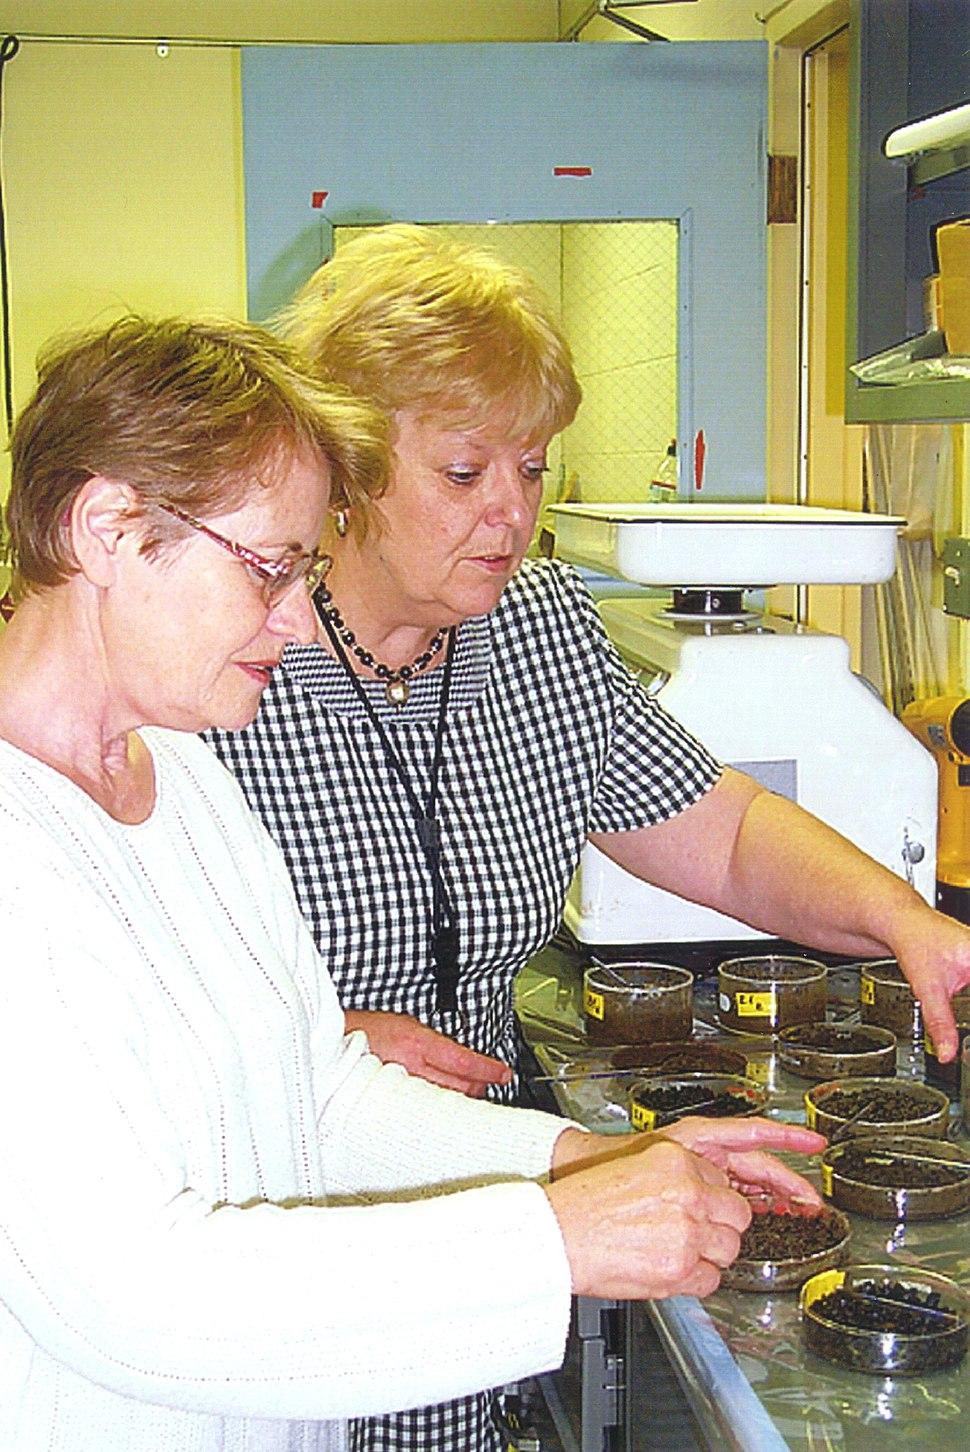 PNNL soil tests